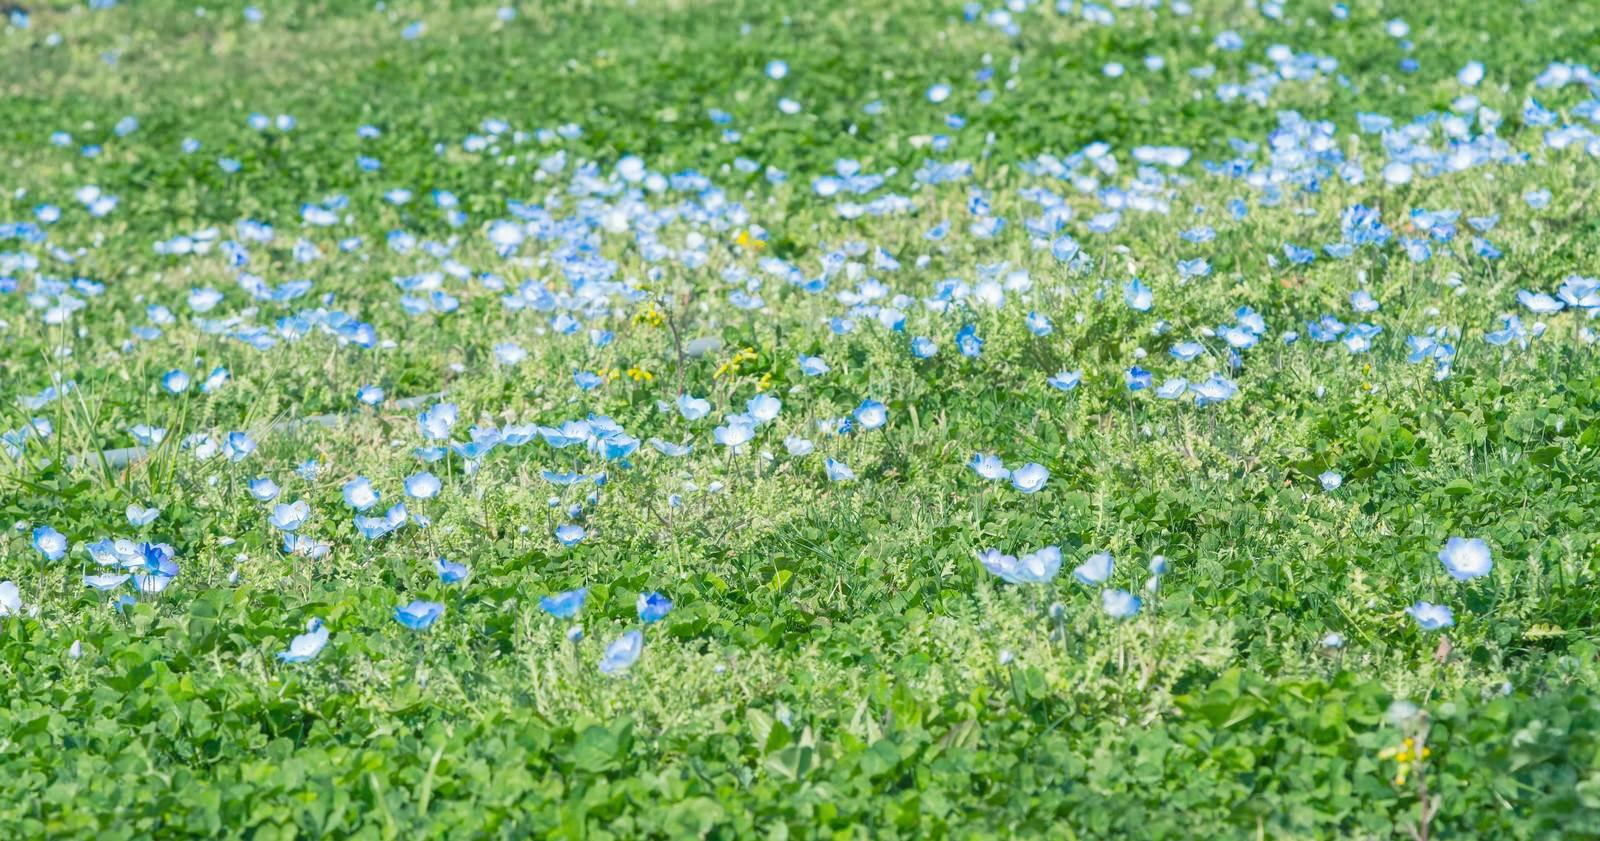 「緑とお花緑とお花」のフリー写真素材を拡大